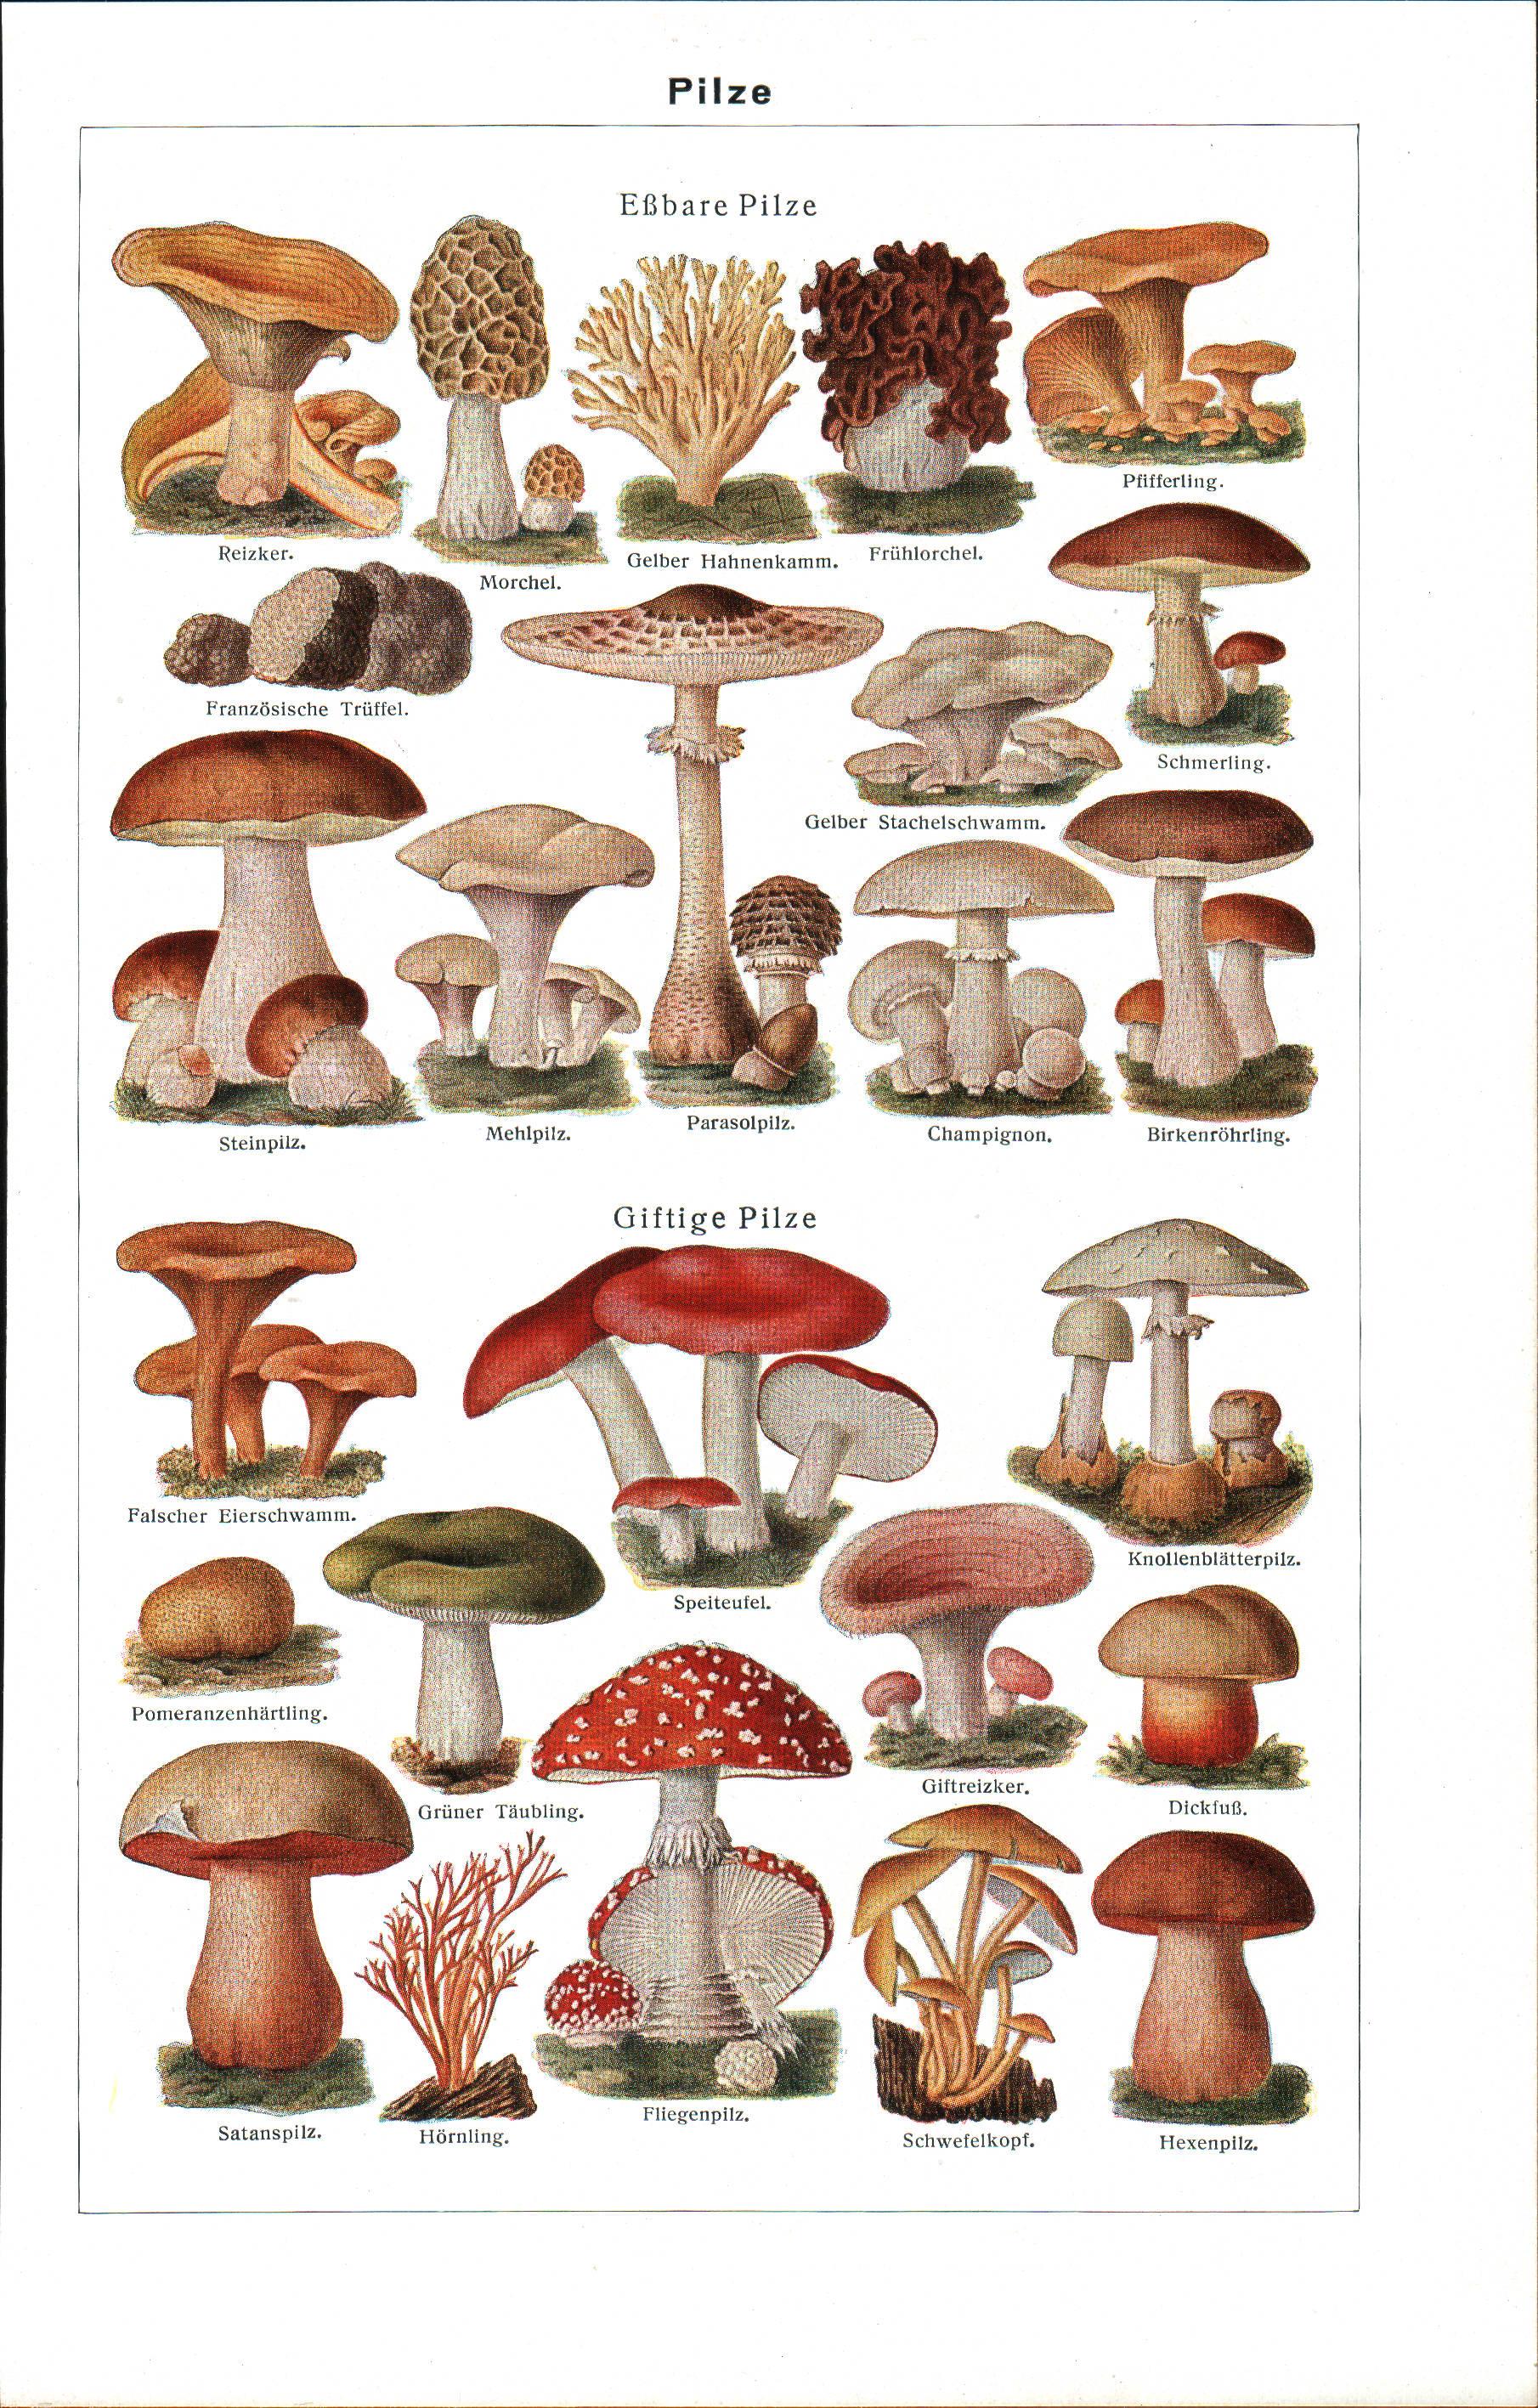 картинки грибы и название